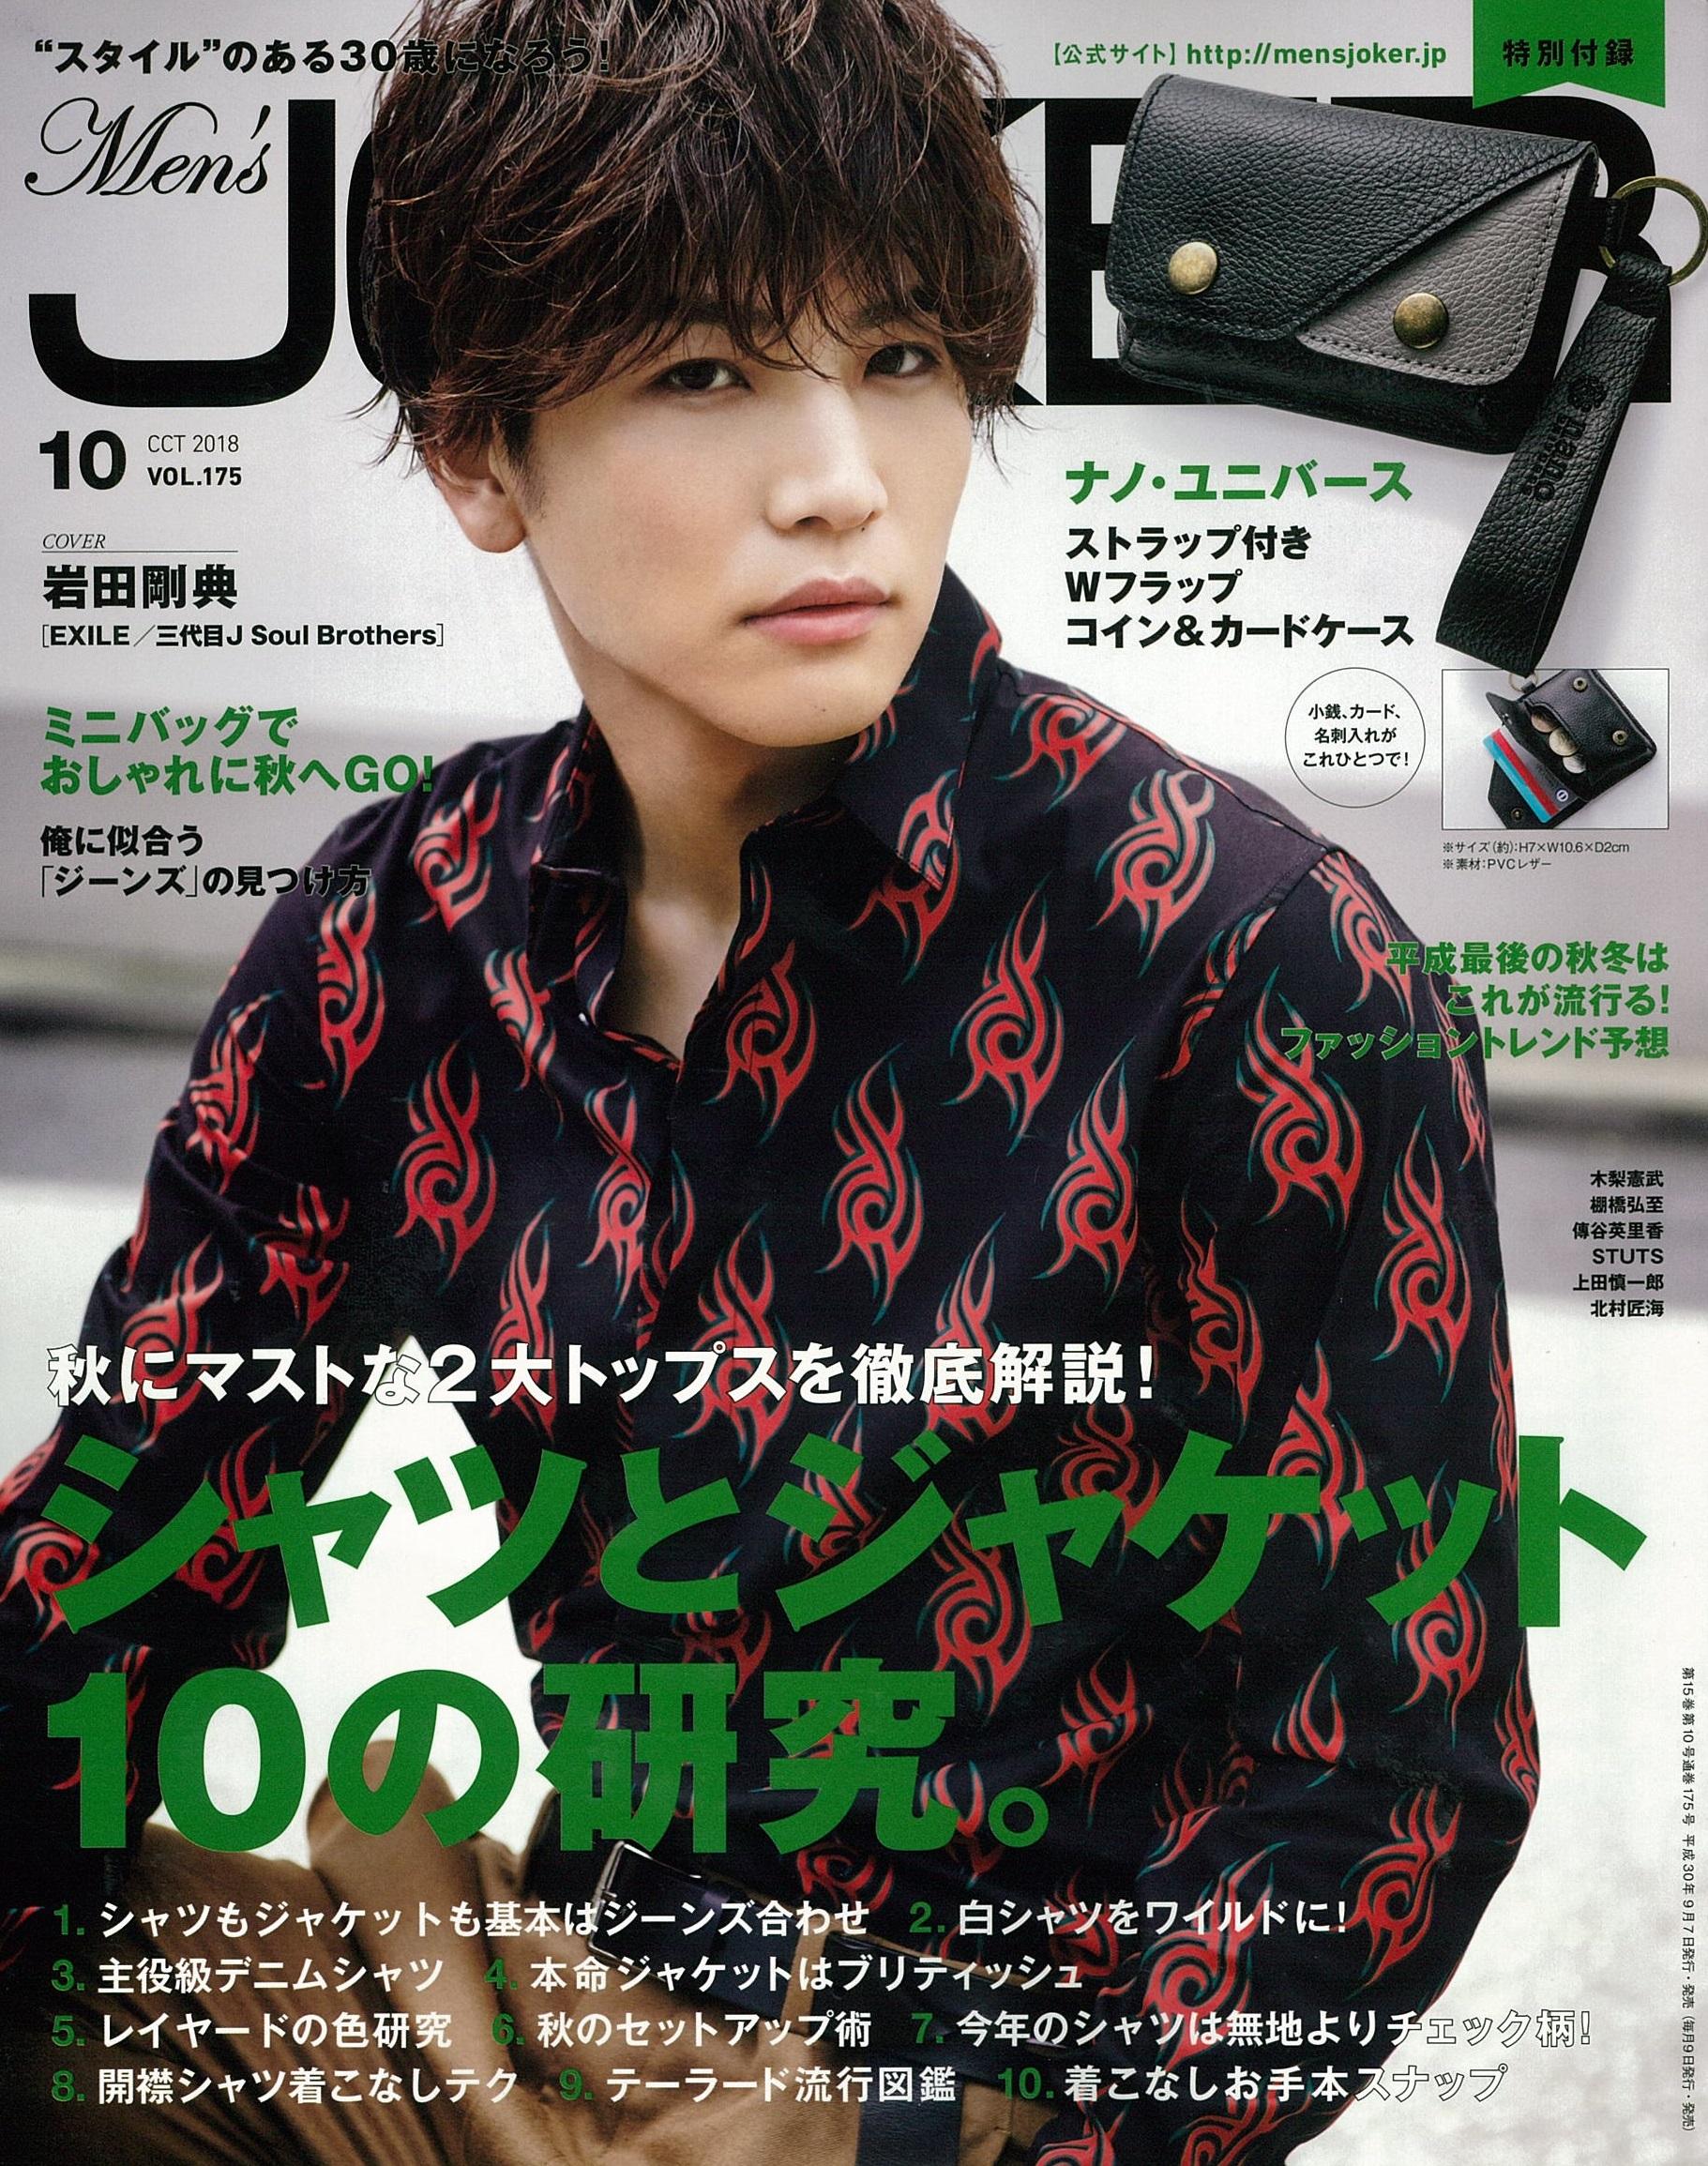 Men's JOKER 10月号掲載